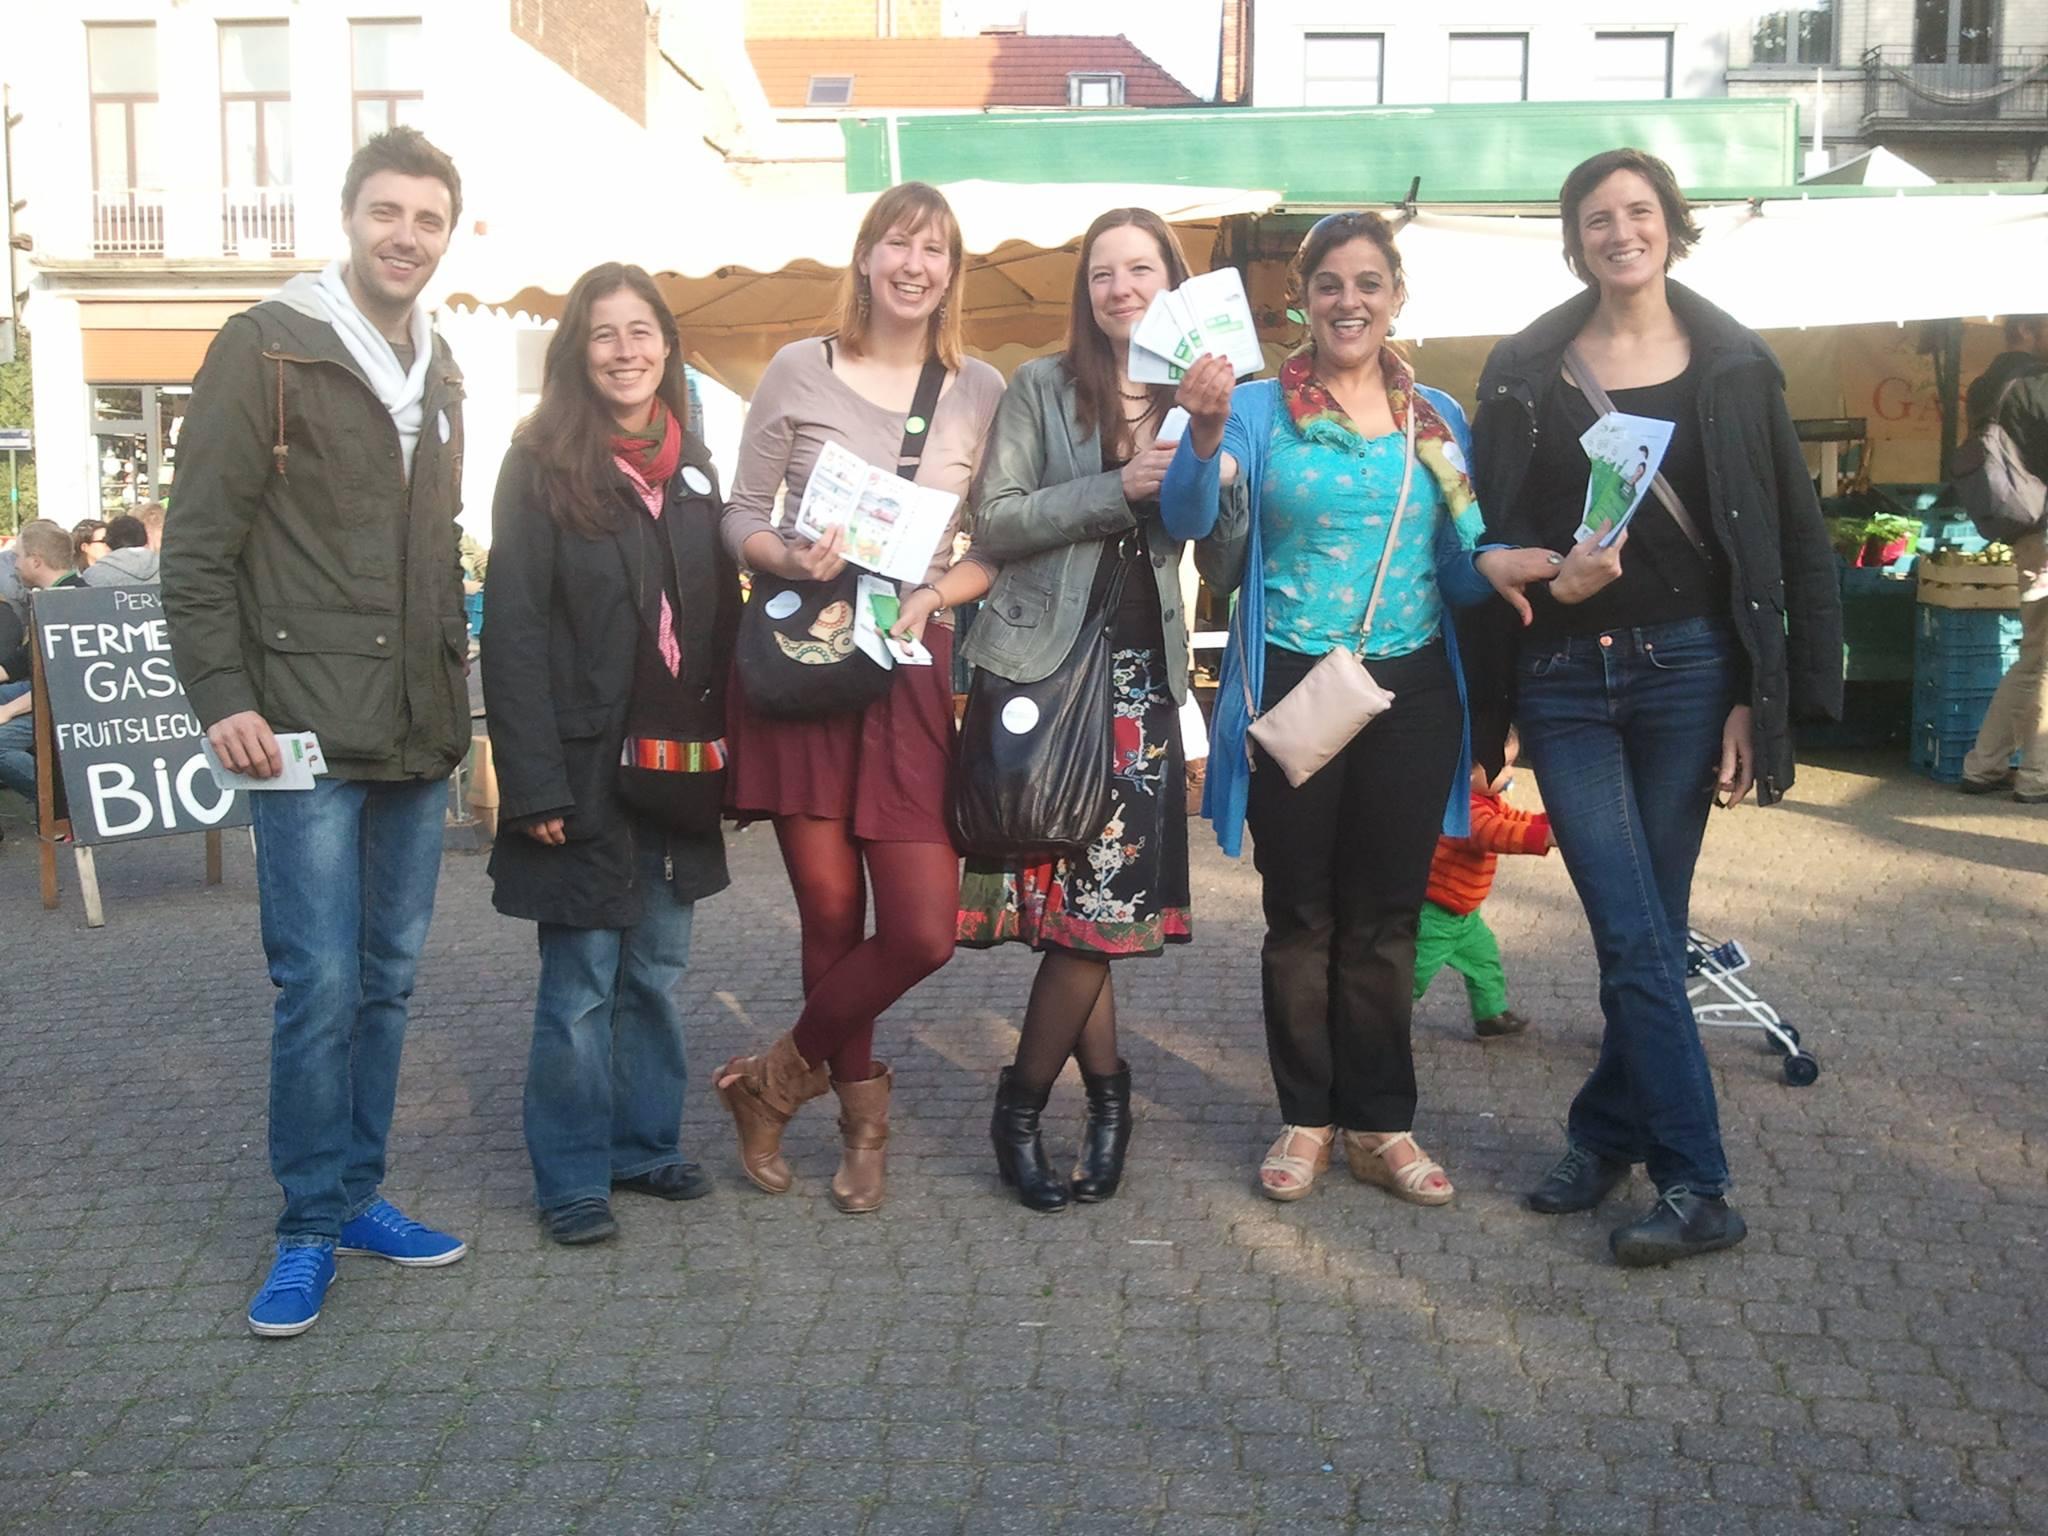 Avec Xavier Wyns, Christine Verstegen, Catherine Marion, Magali Plovie, Mariam Elhamidine, Séverine de Laveleye